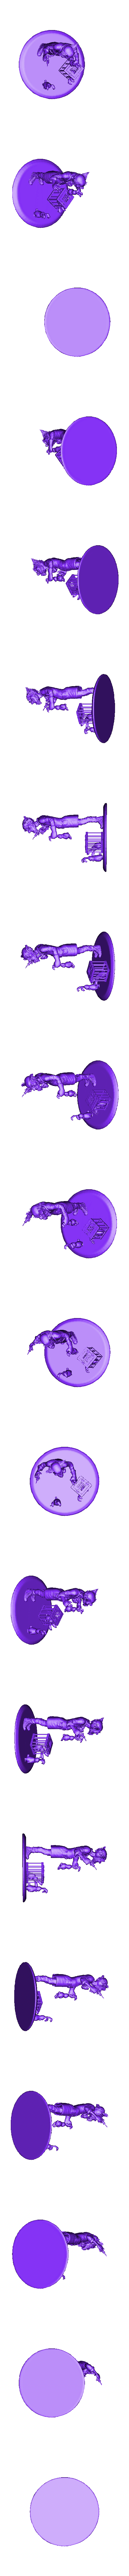 zombie_rubit_repaired.stl Télécharger fichier STL gratuit Lapins zombies • Modèle pour impression 3D, Boris3dStudio